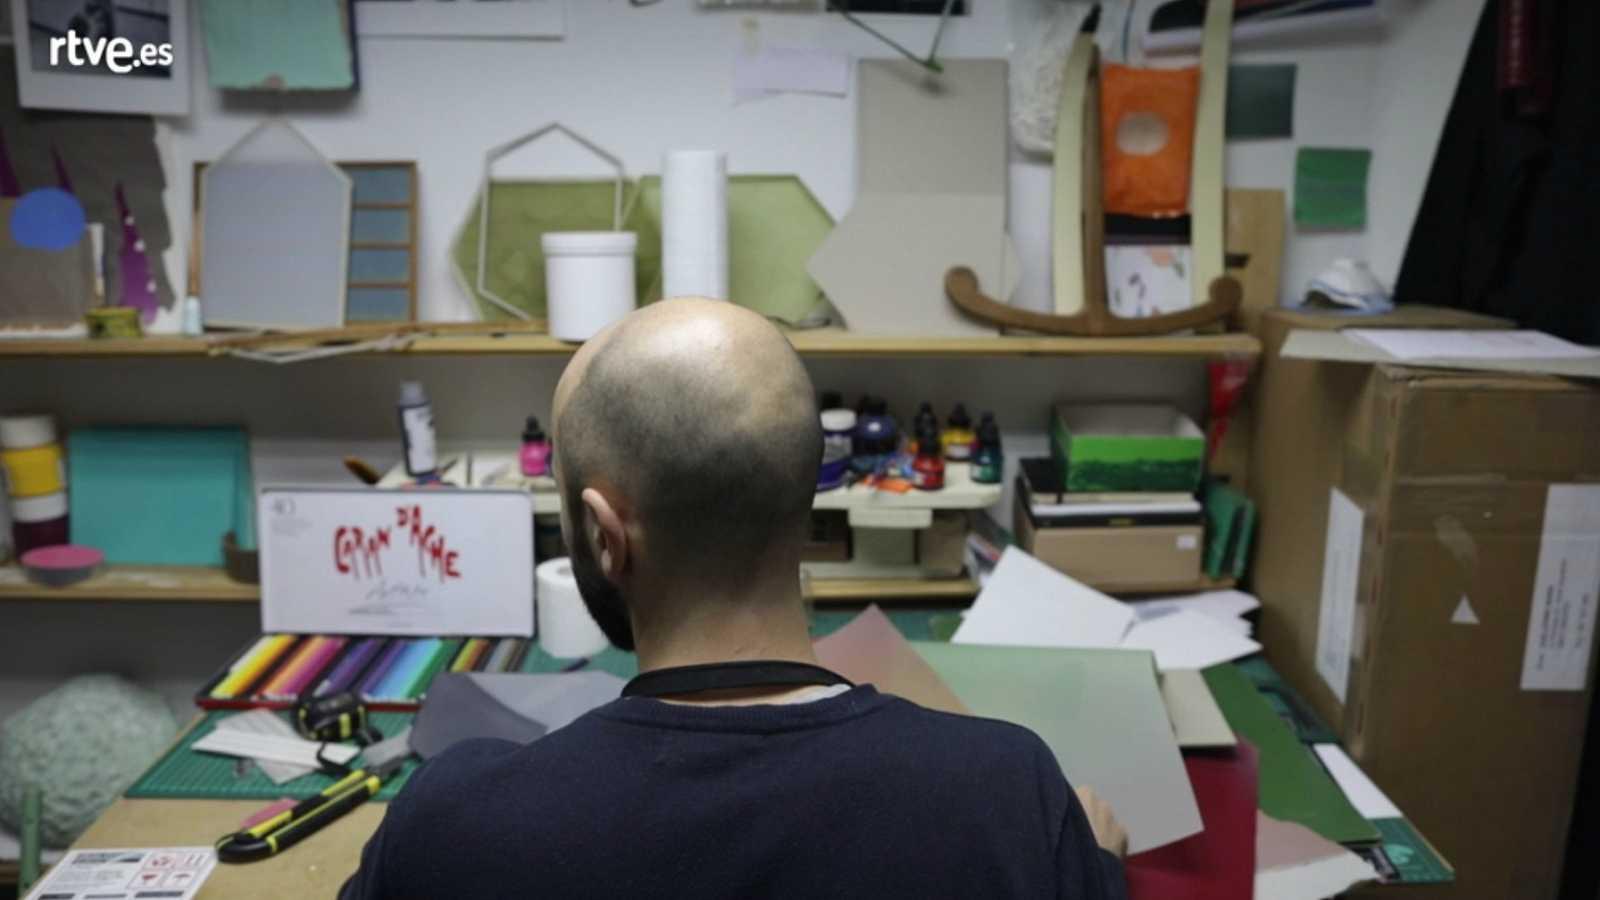 Desatados - 15 Guillermo Mora, Artista Plástico - Escuchar ahora